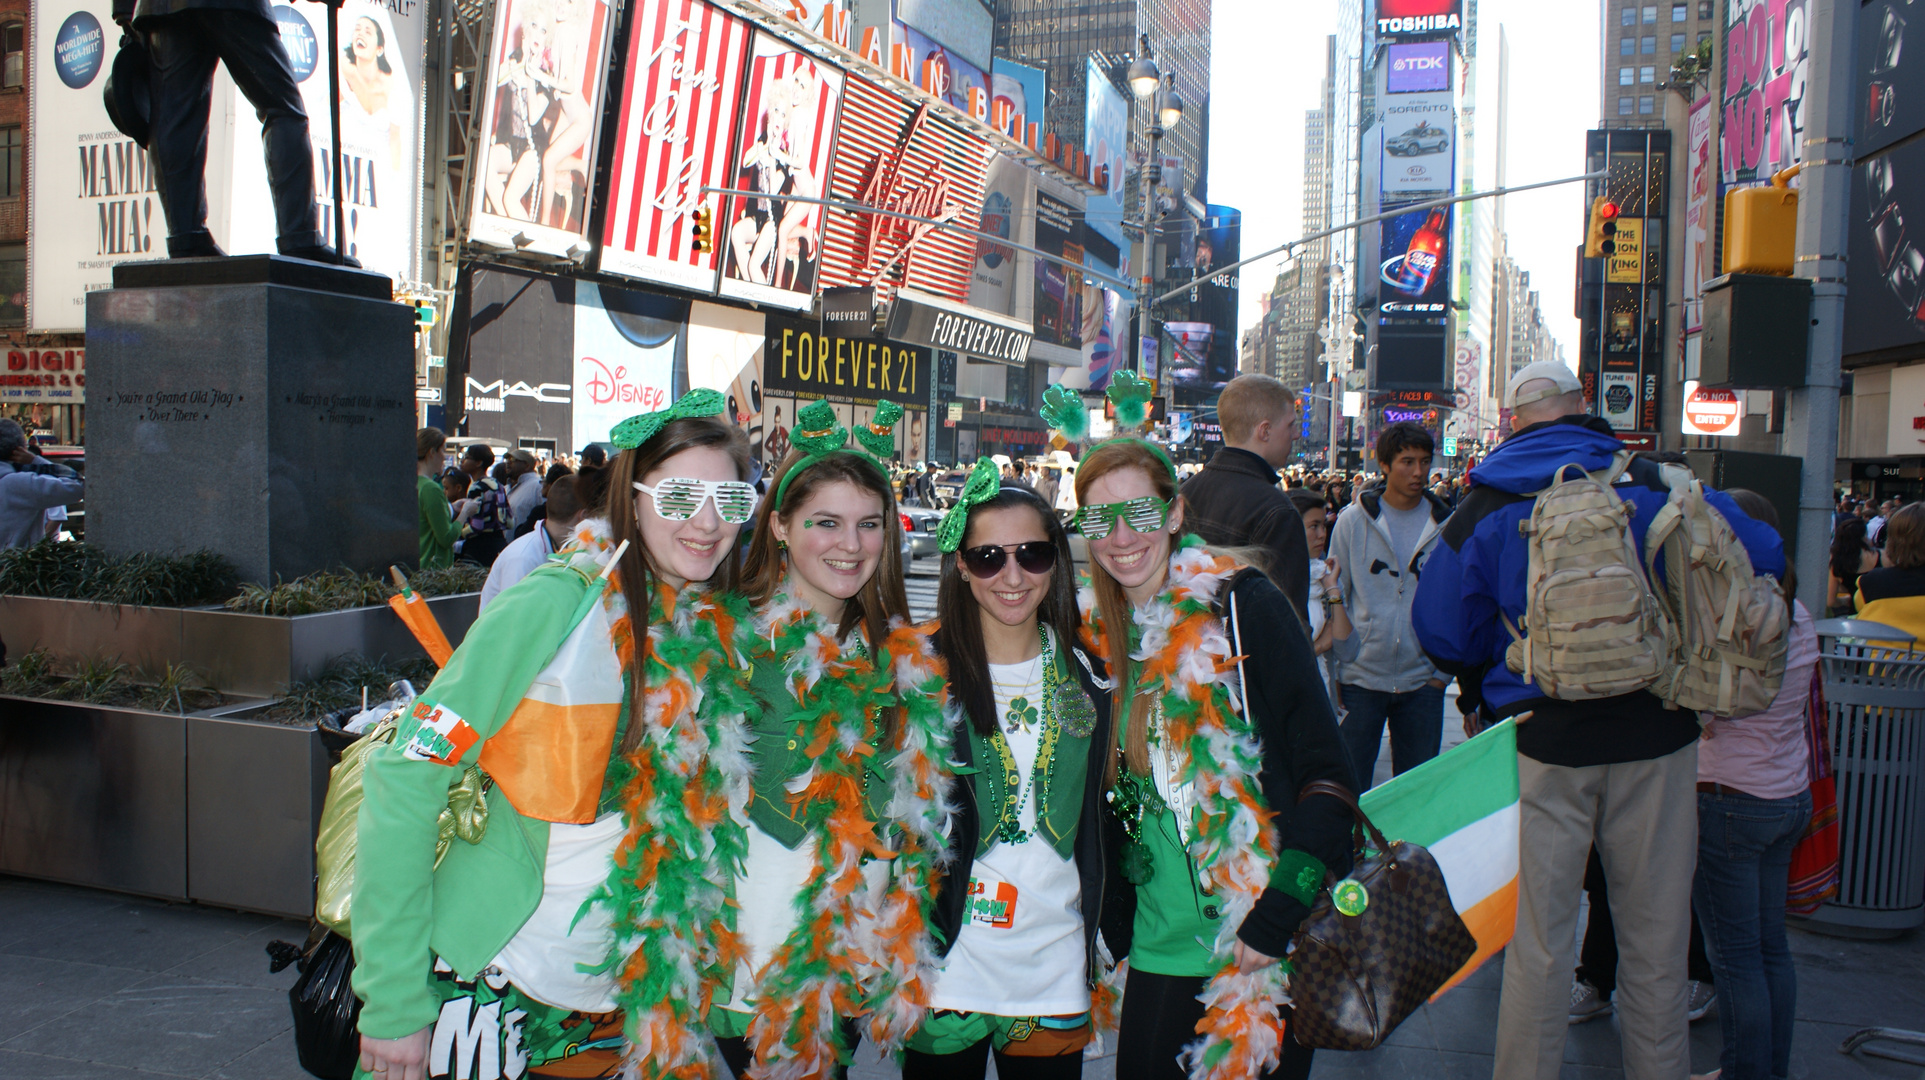 St. Patricks day 2010 NY